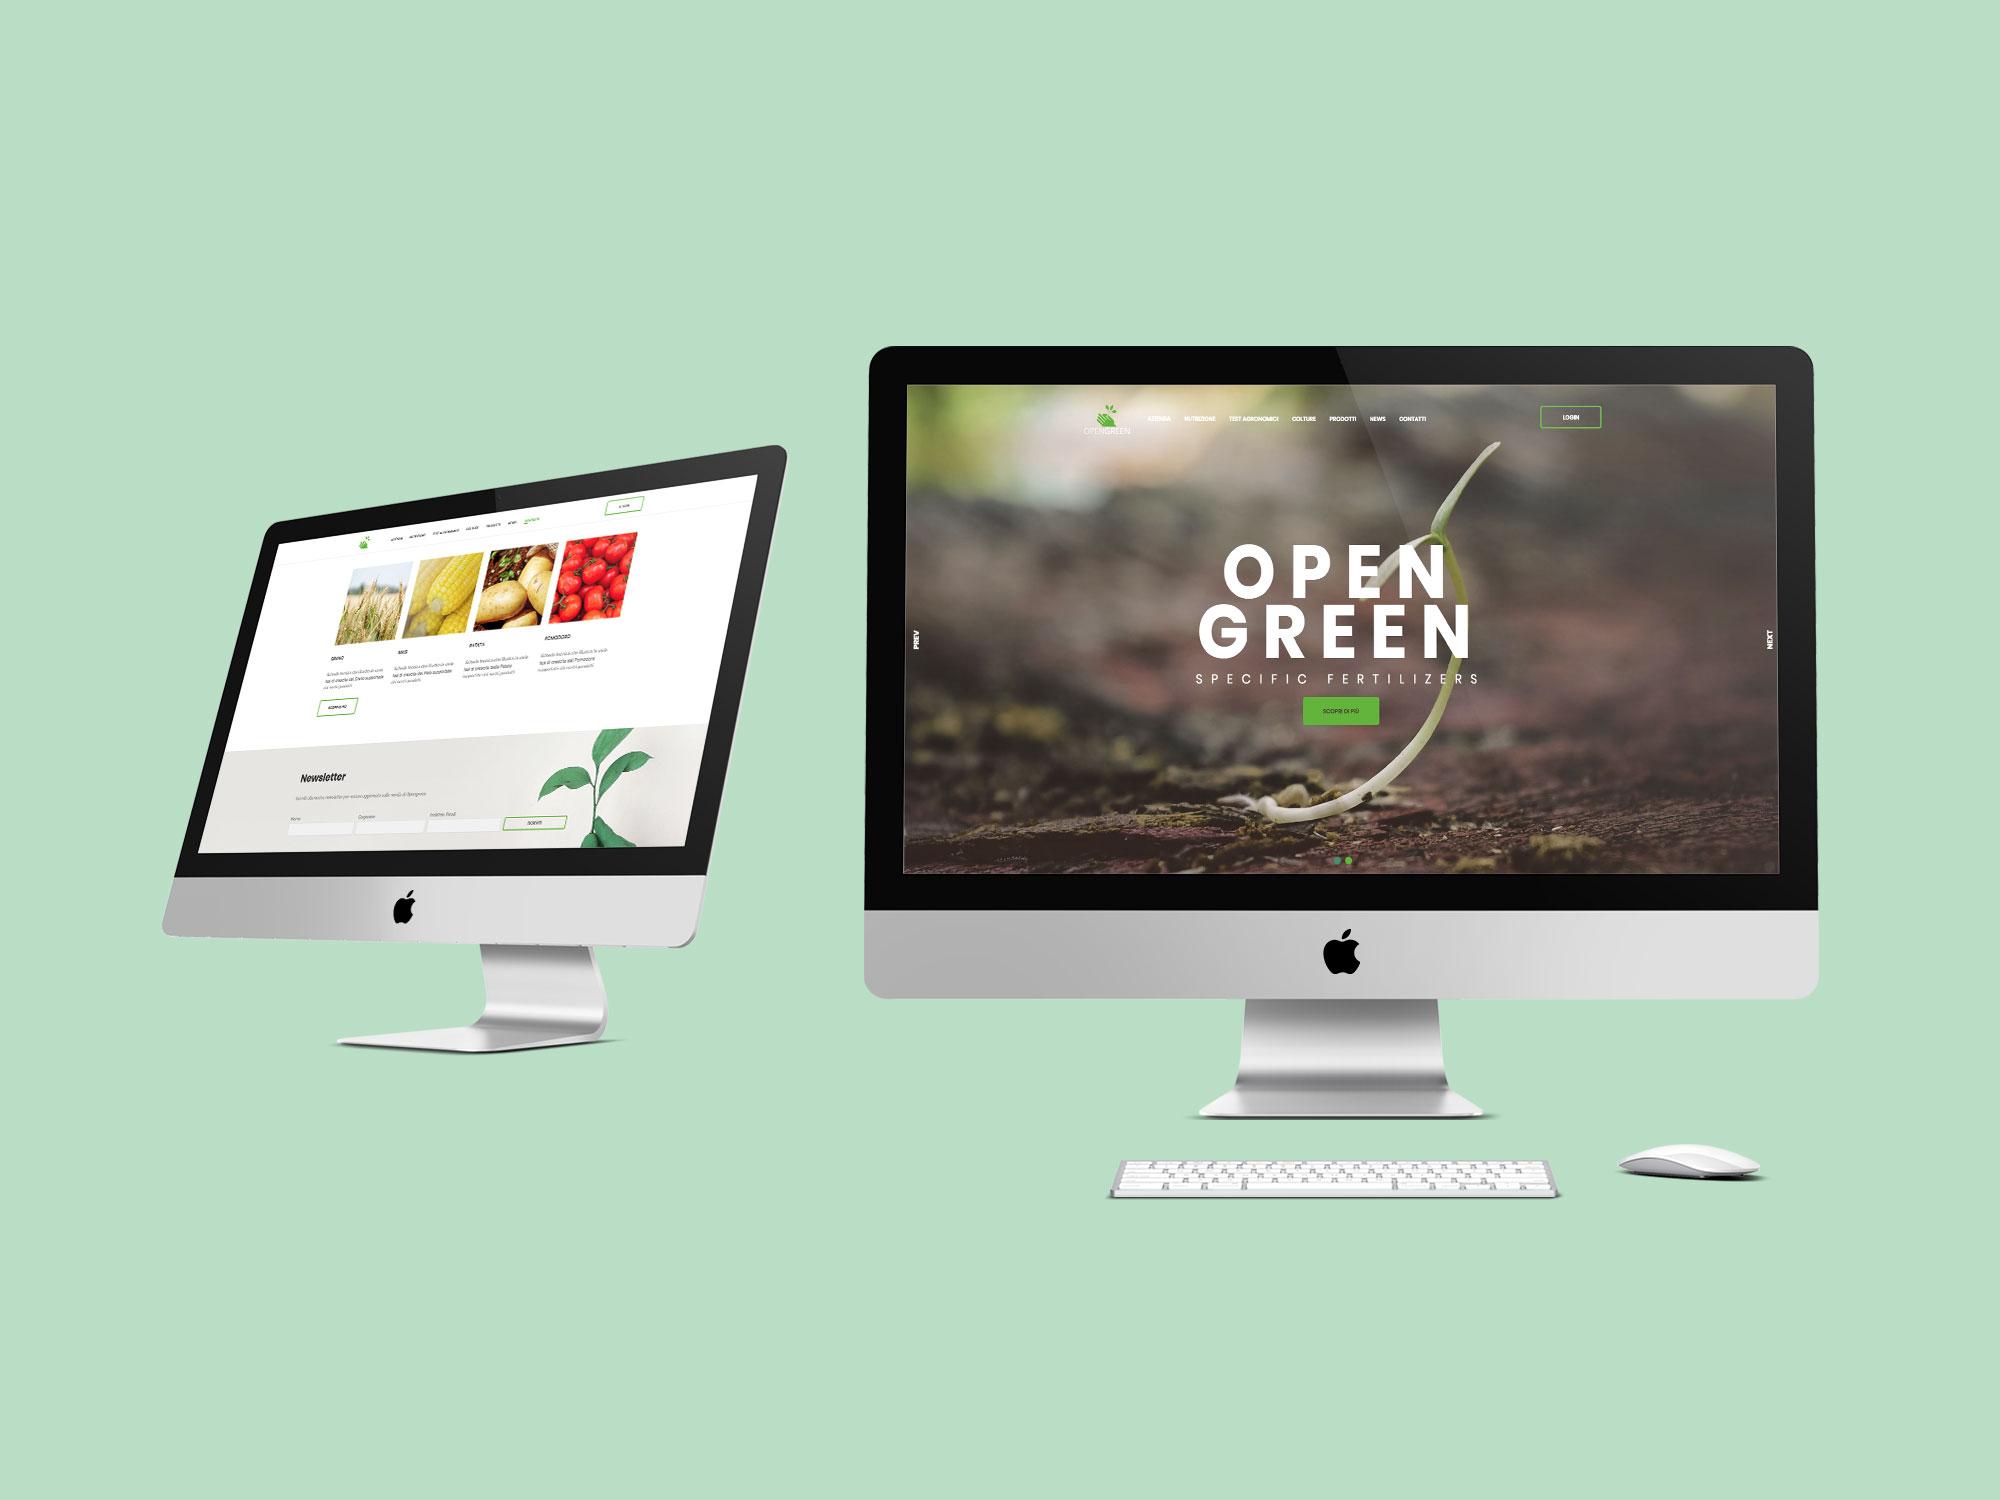 Opengreen1